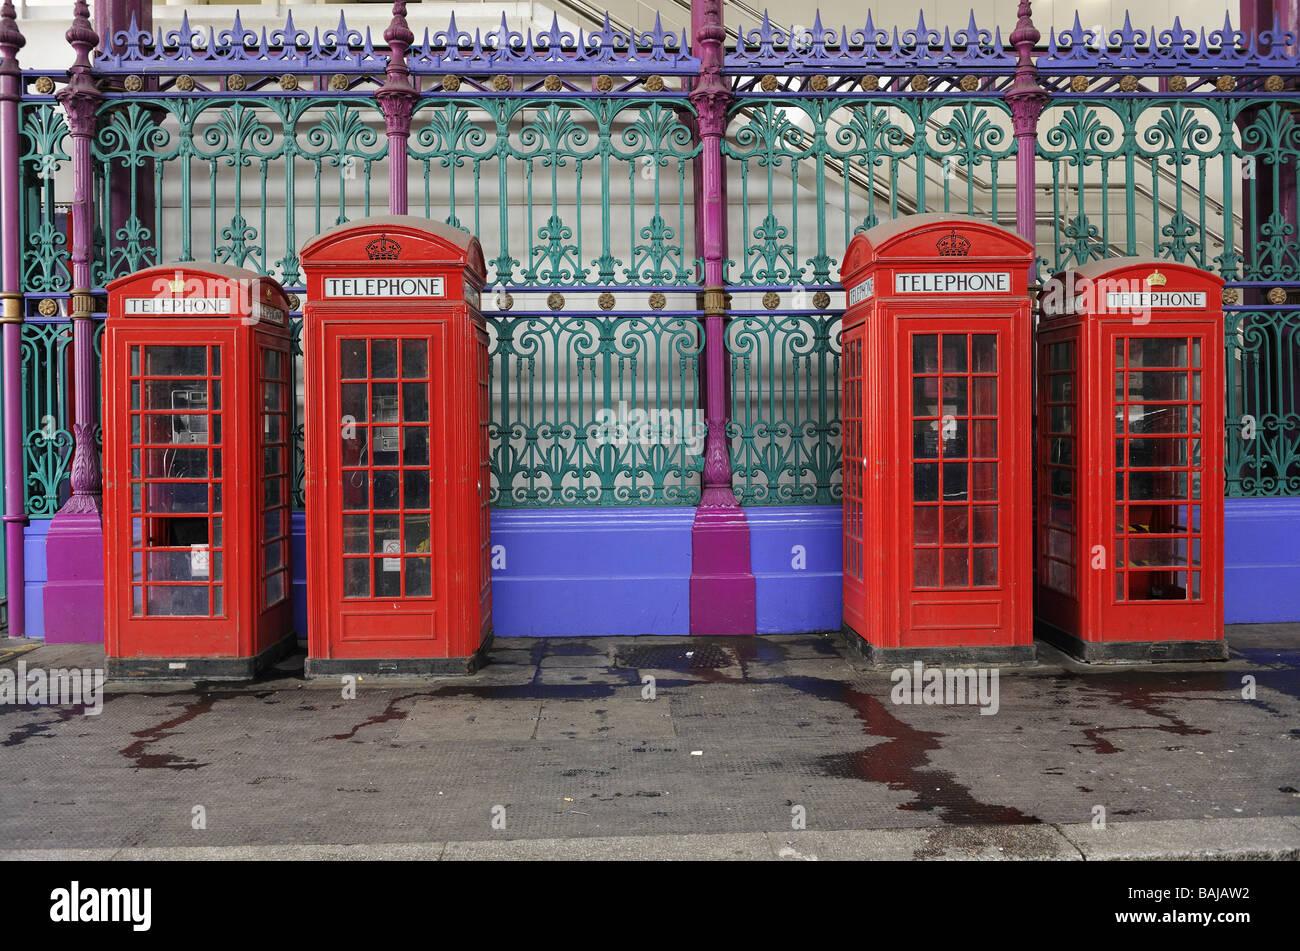 K2 and K6 Telephone Boxes, Smithfield Market, London, UK - Stock Image